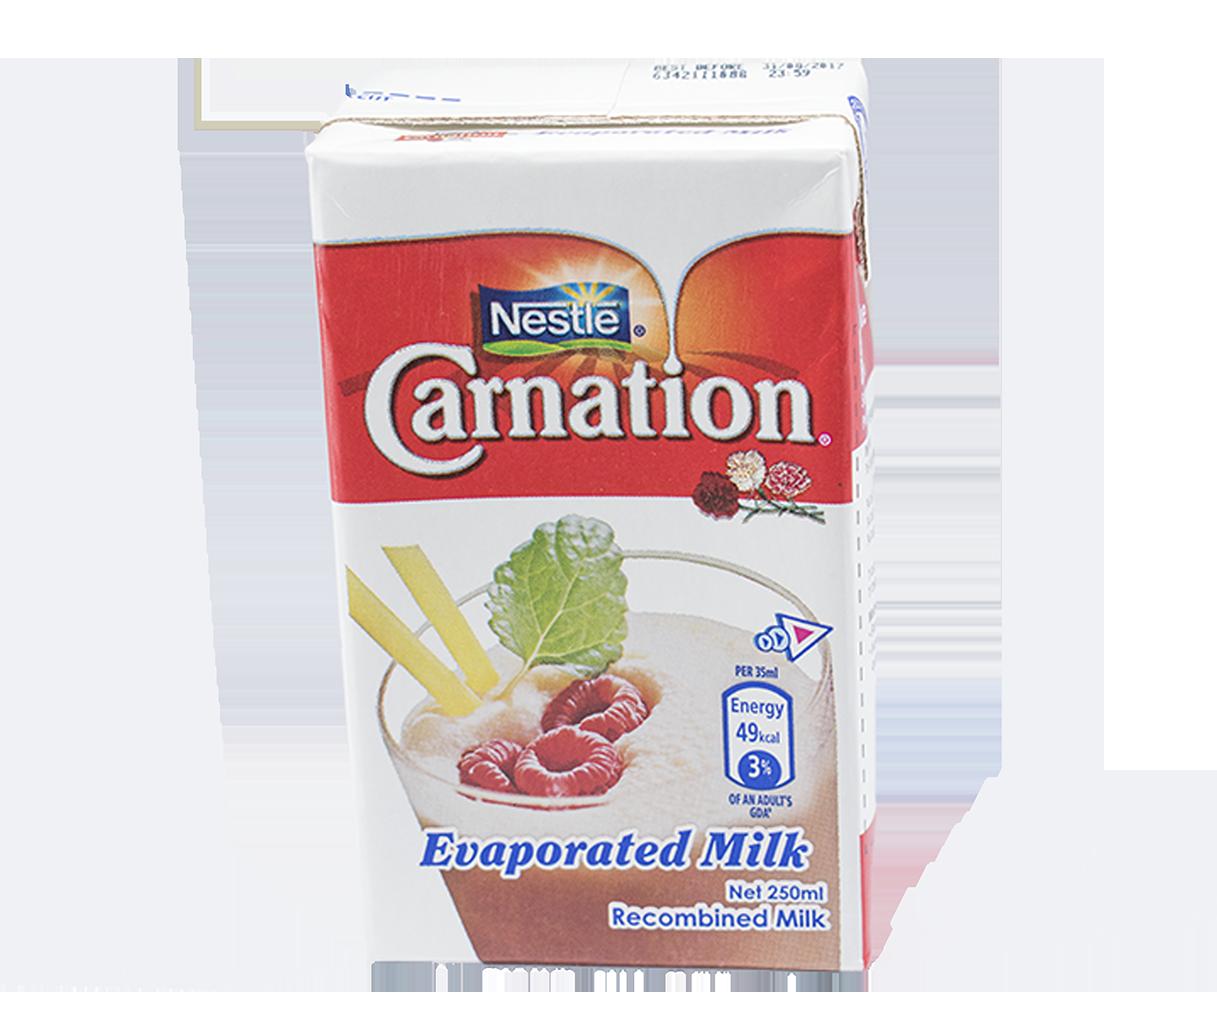 CARNATION Full Cream Evaporated Milk 250ml Carton